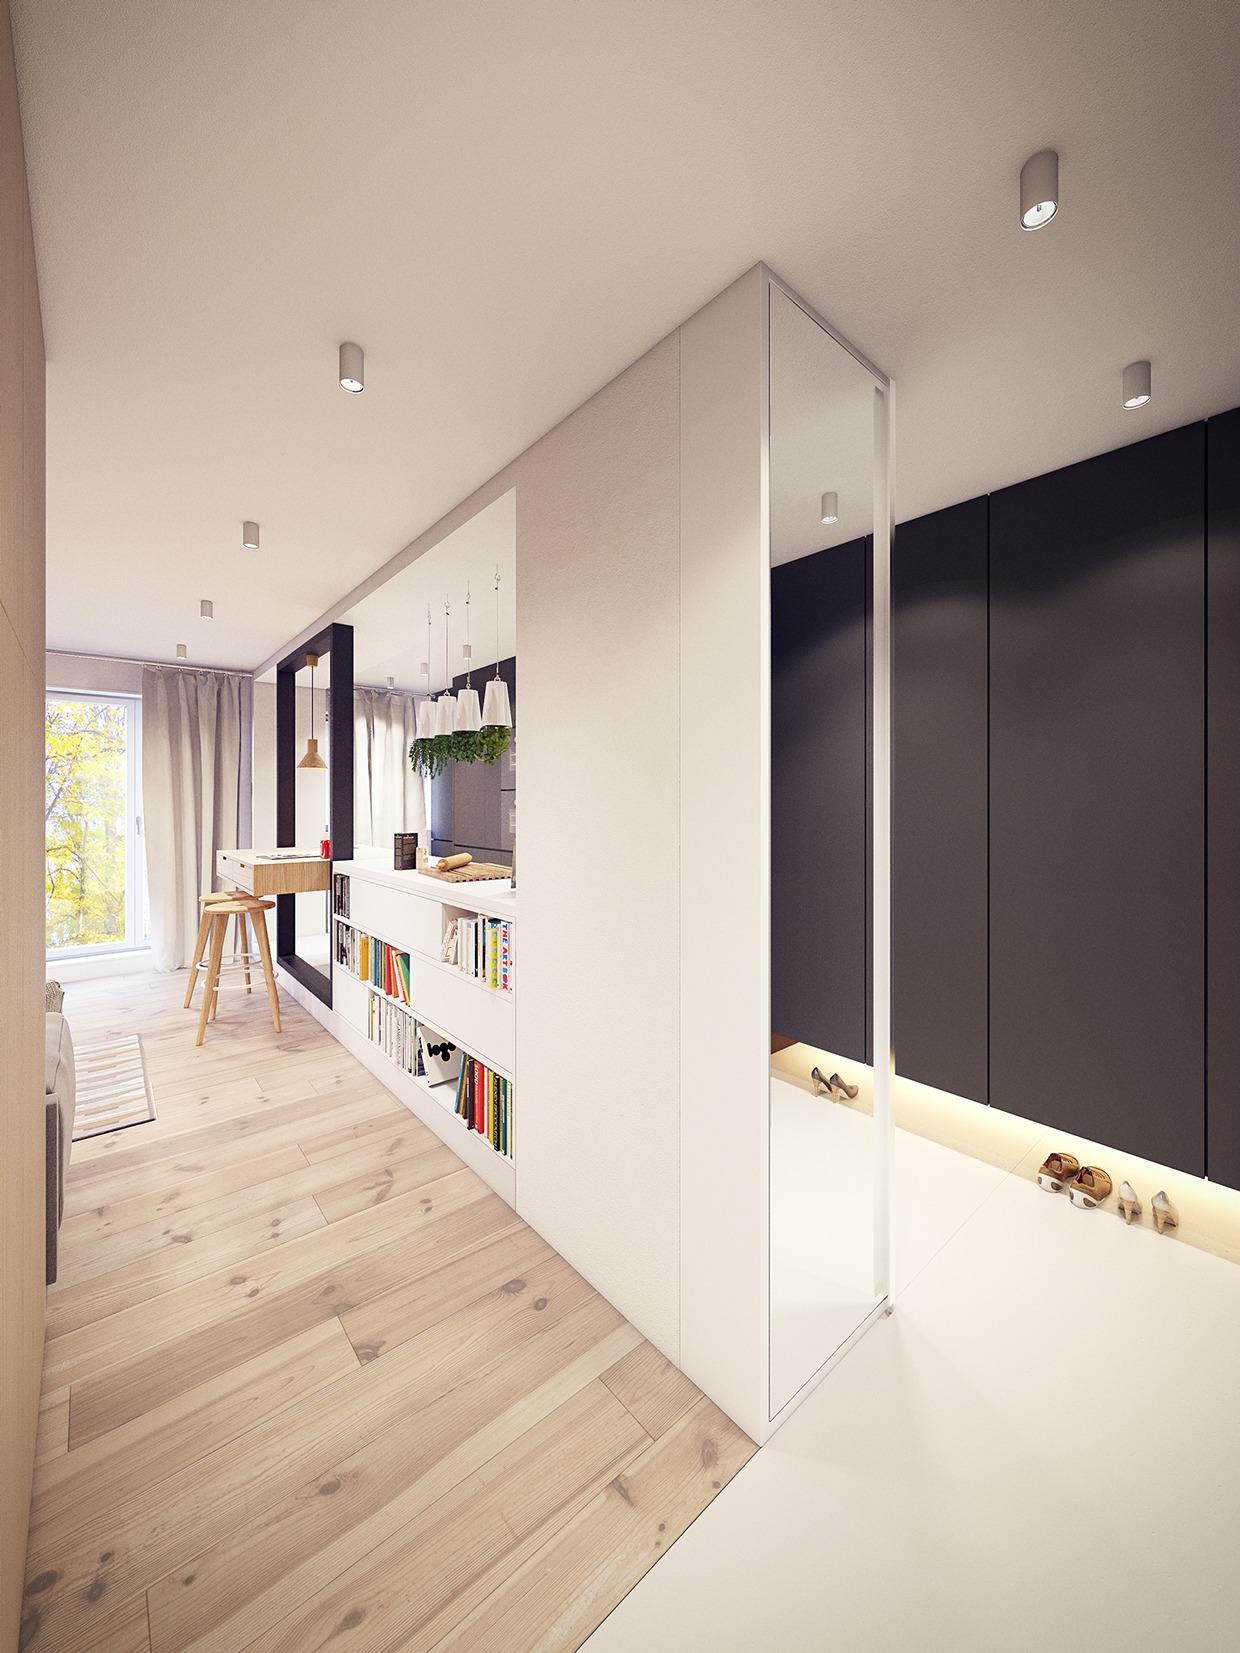 Wedo thiết kế nội thất nhà đẹp lấy cảm hứng từ xu hướng những năm 60